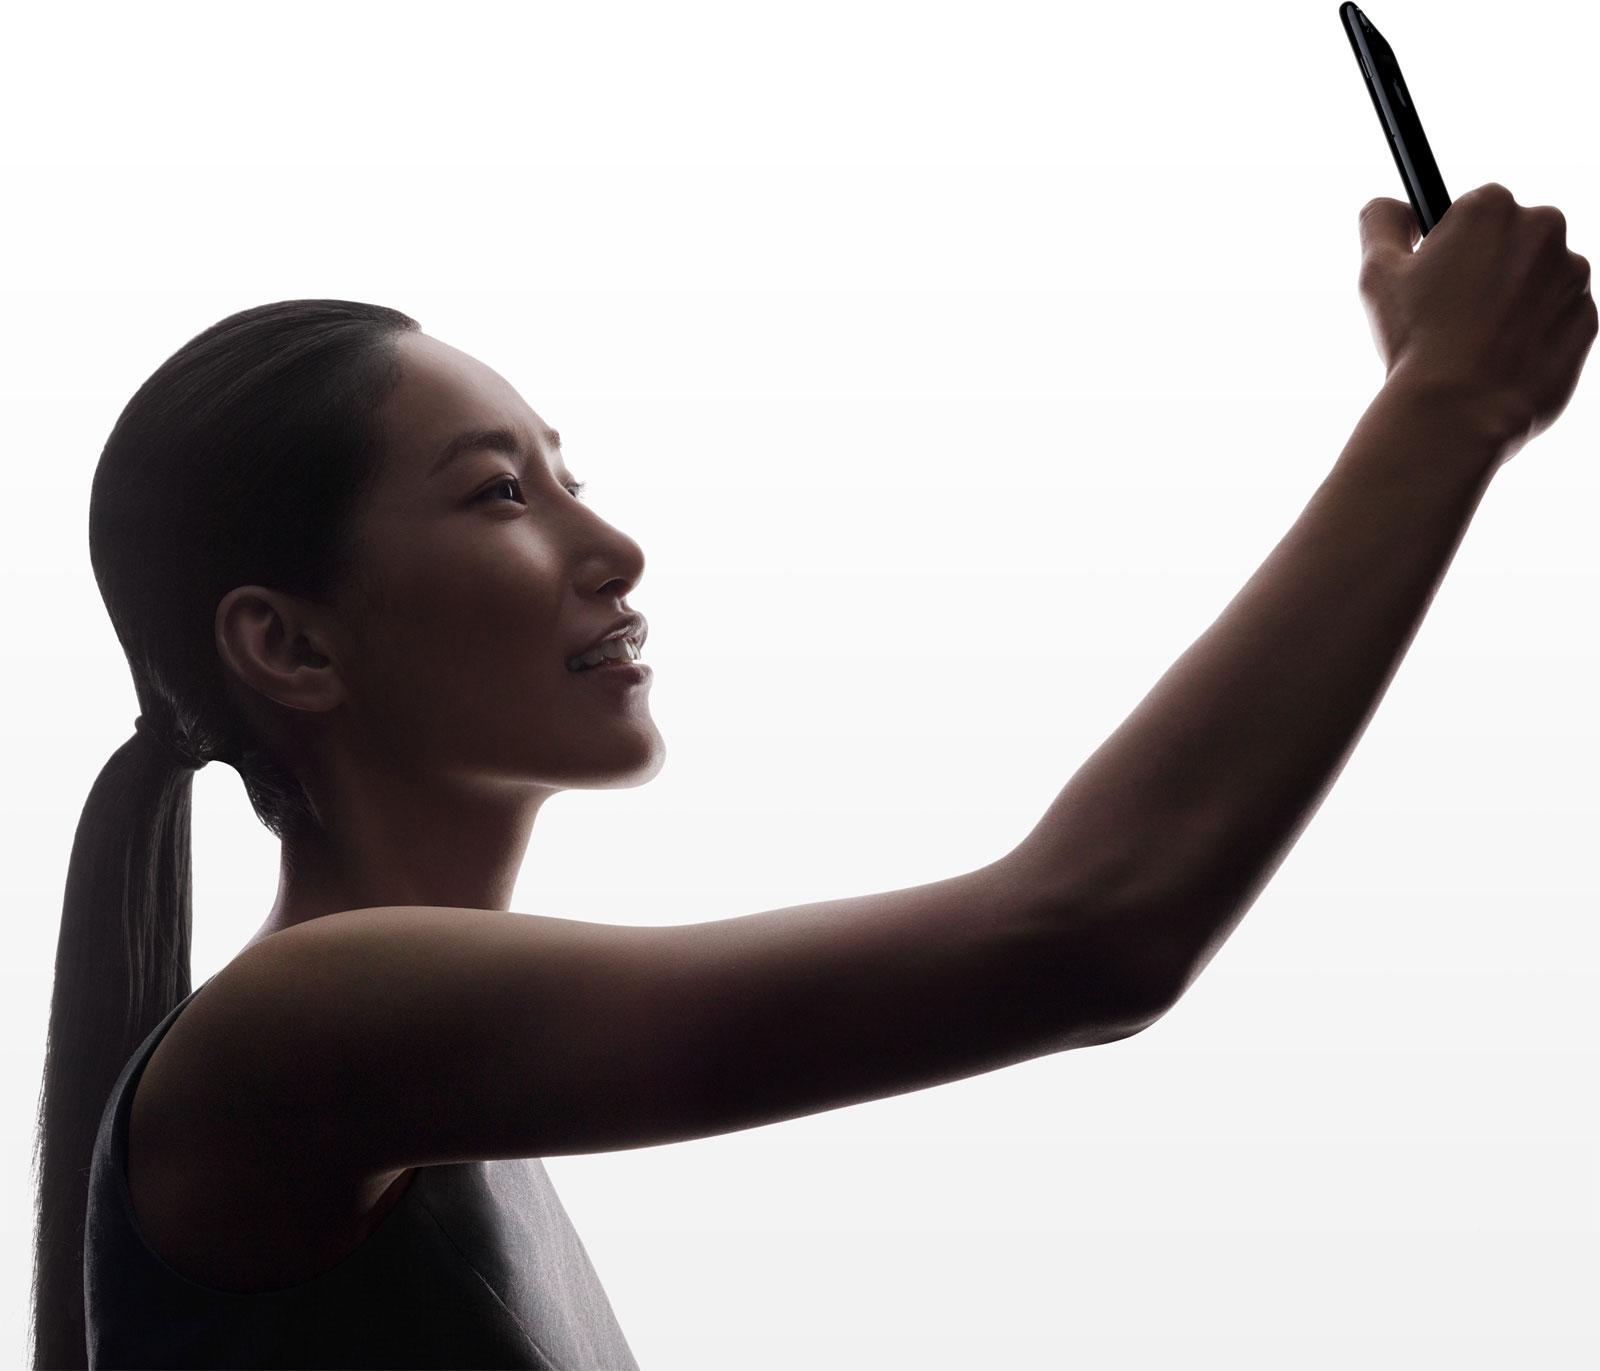 Haciéndose un Selfie con el iPhone 7